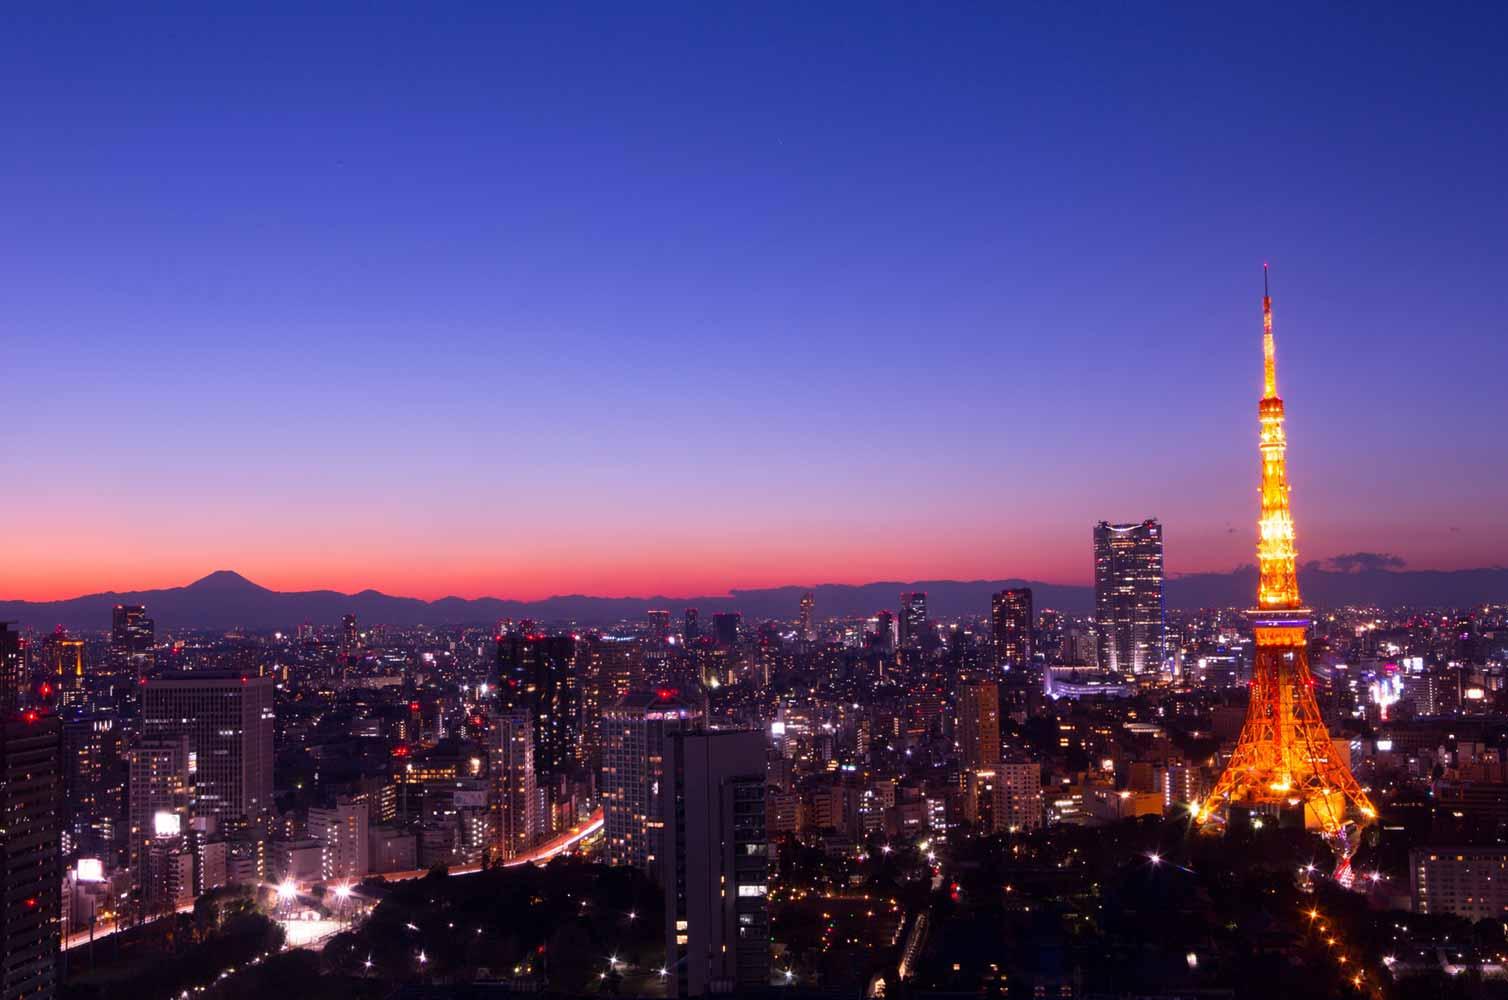 夕暮れの東京タワーと富士山